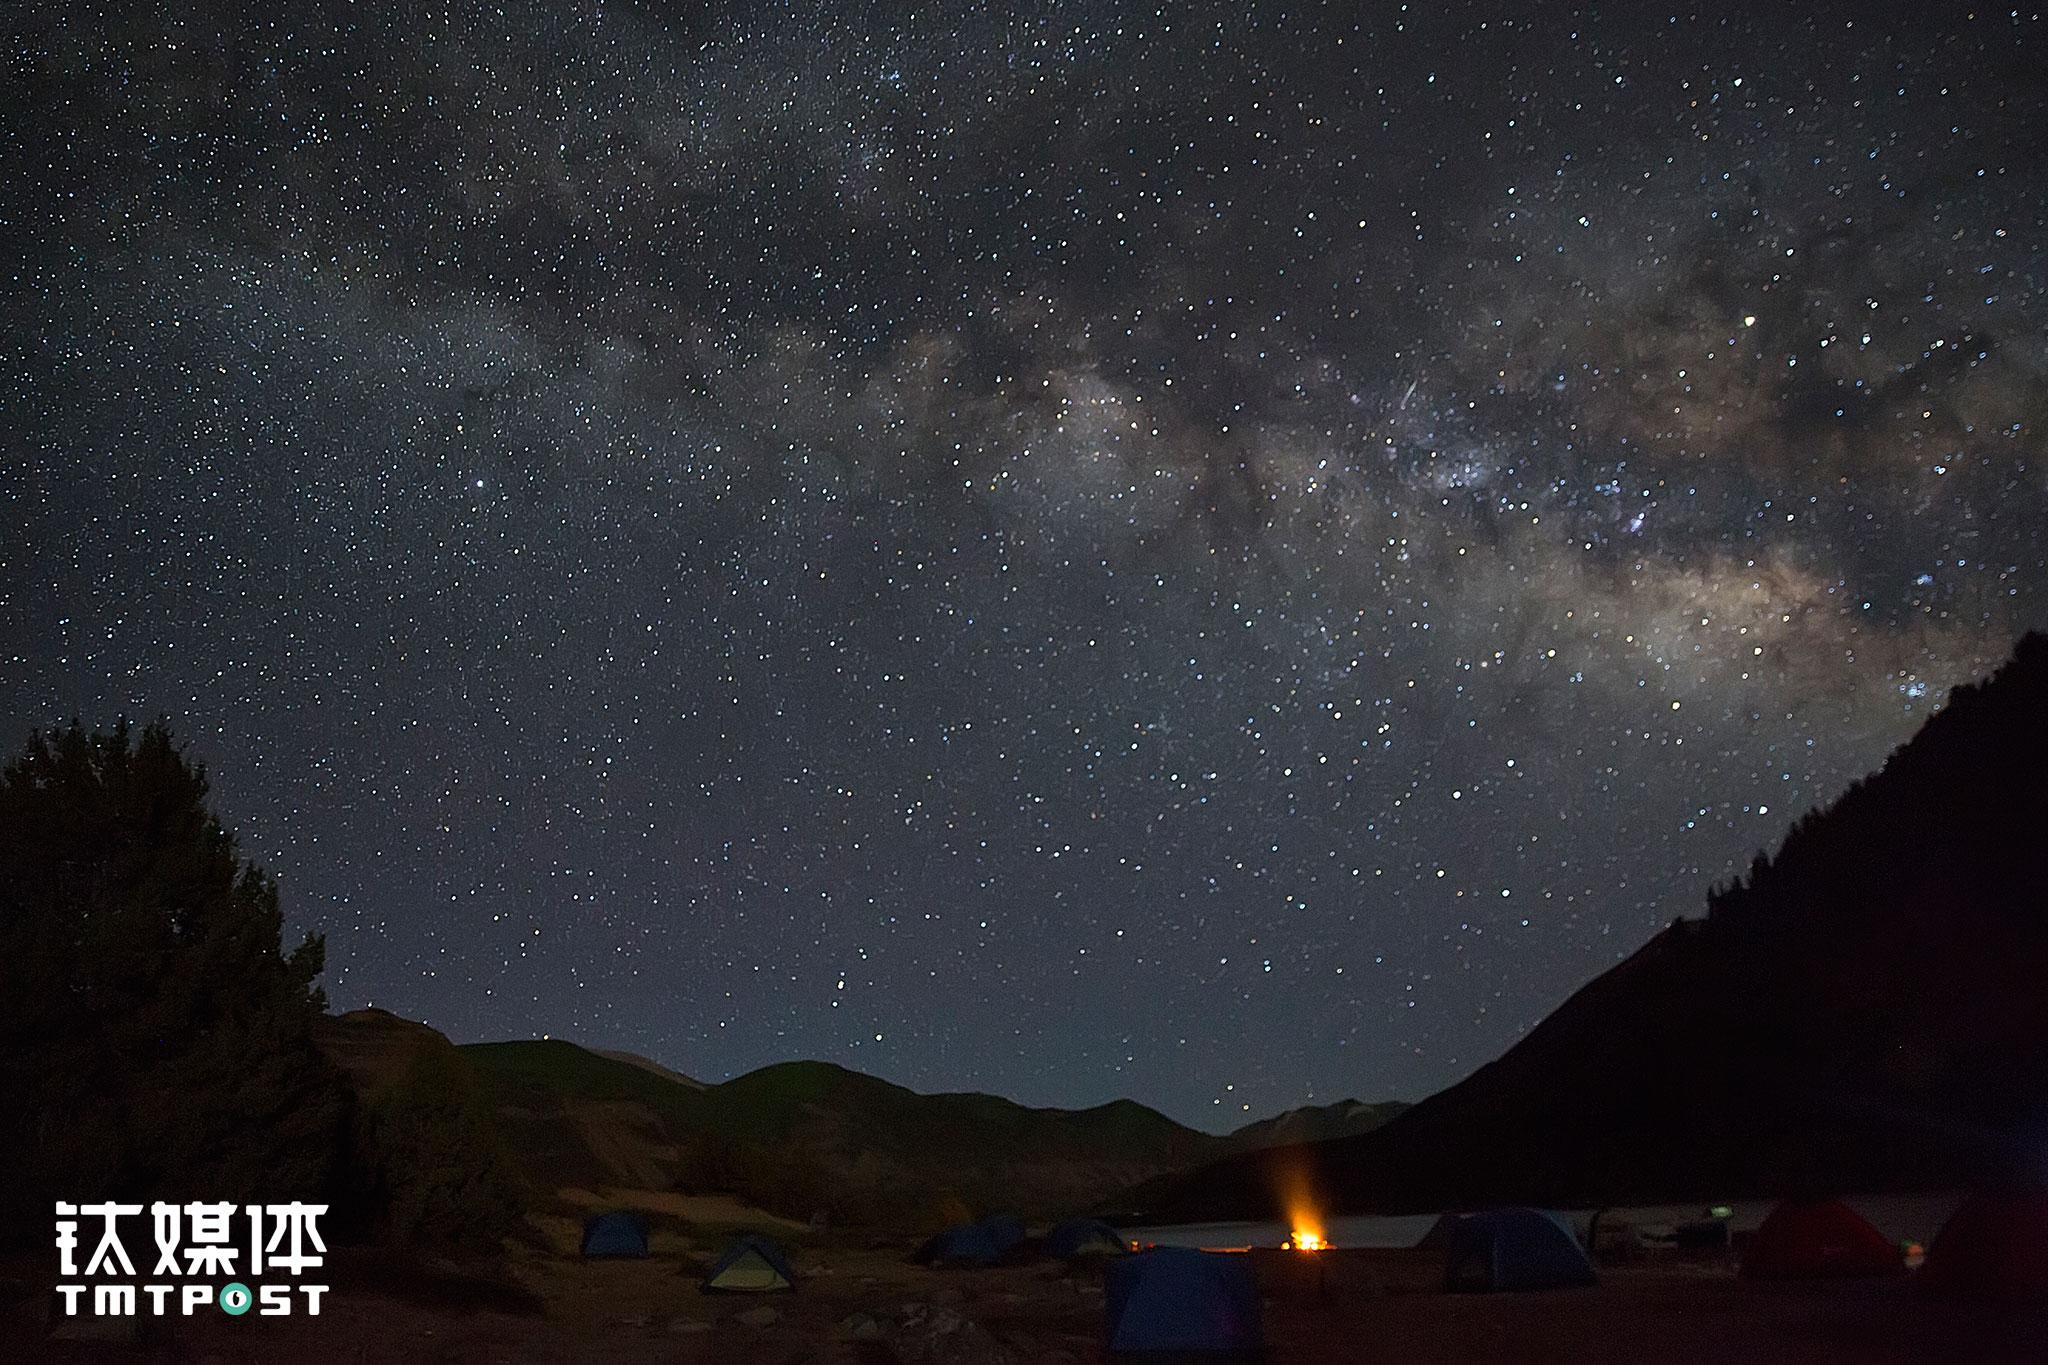 万籁寂静的夜晚,营地上空的银河。